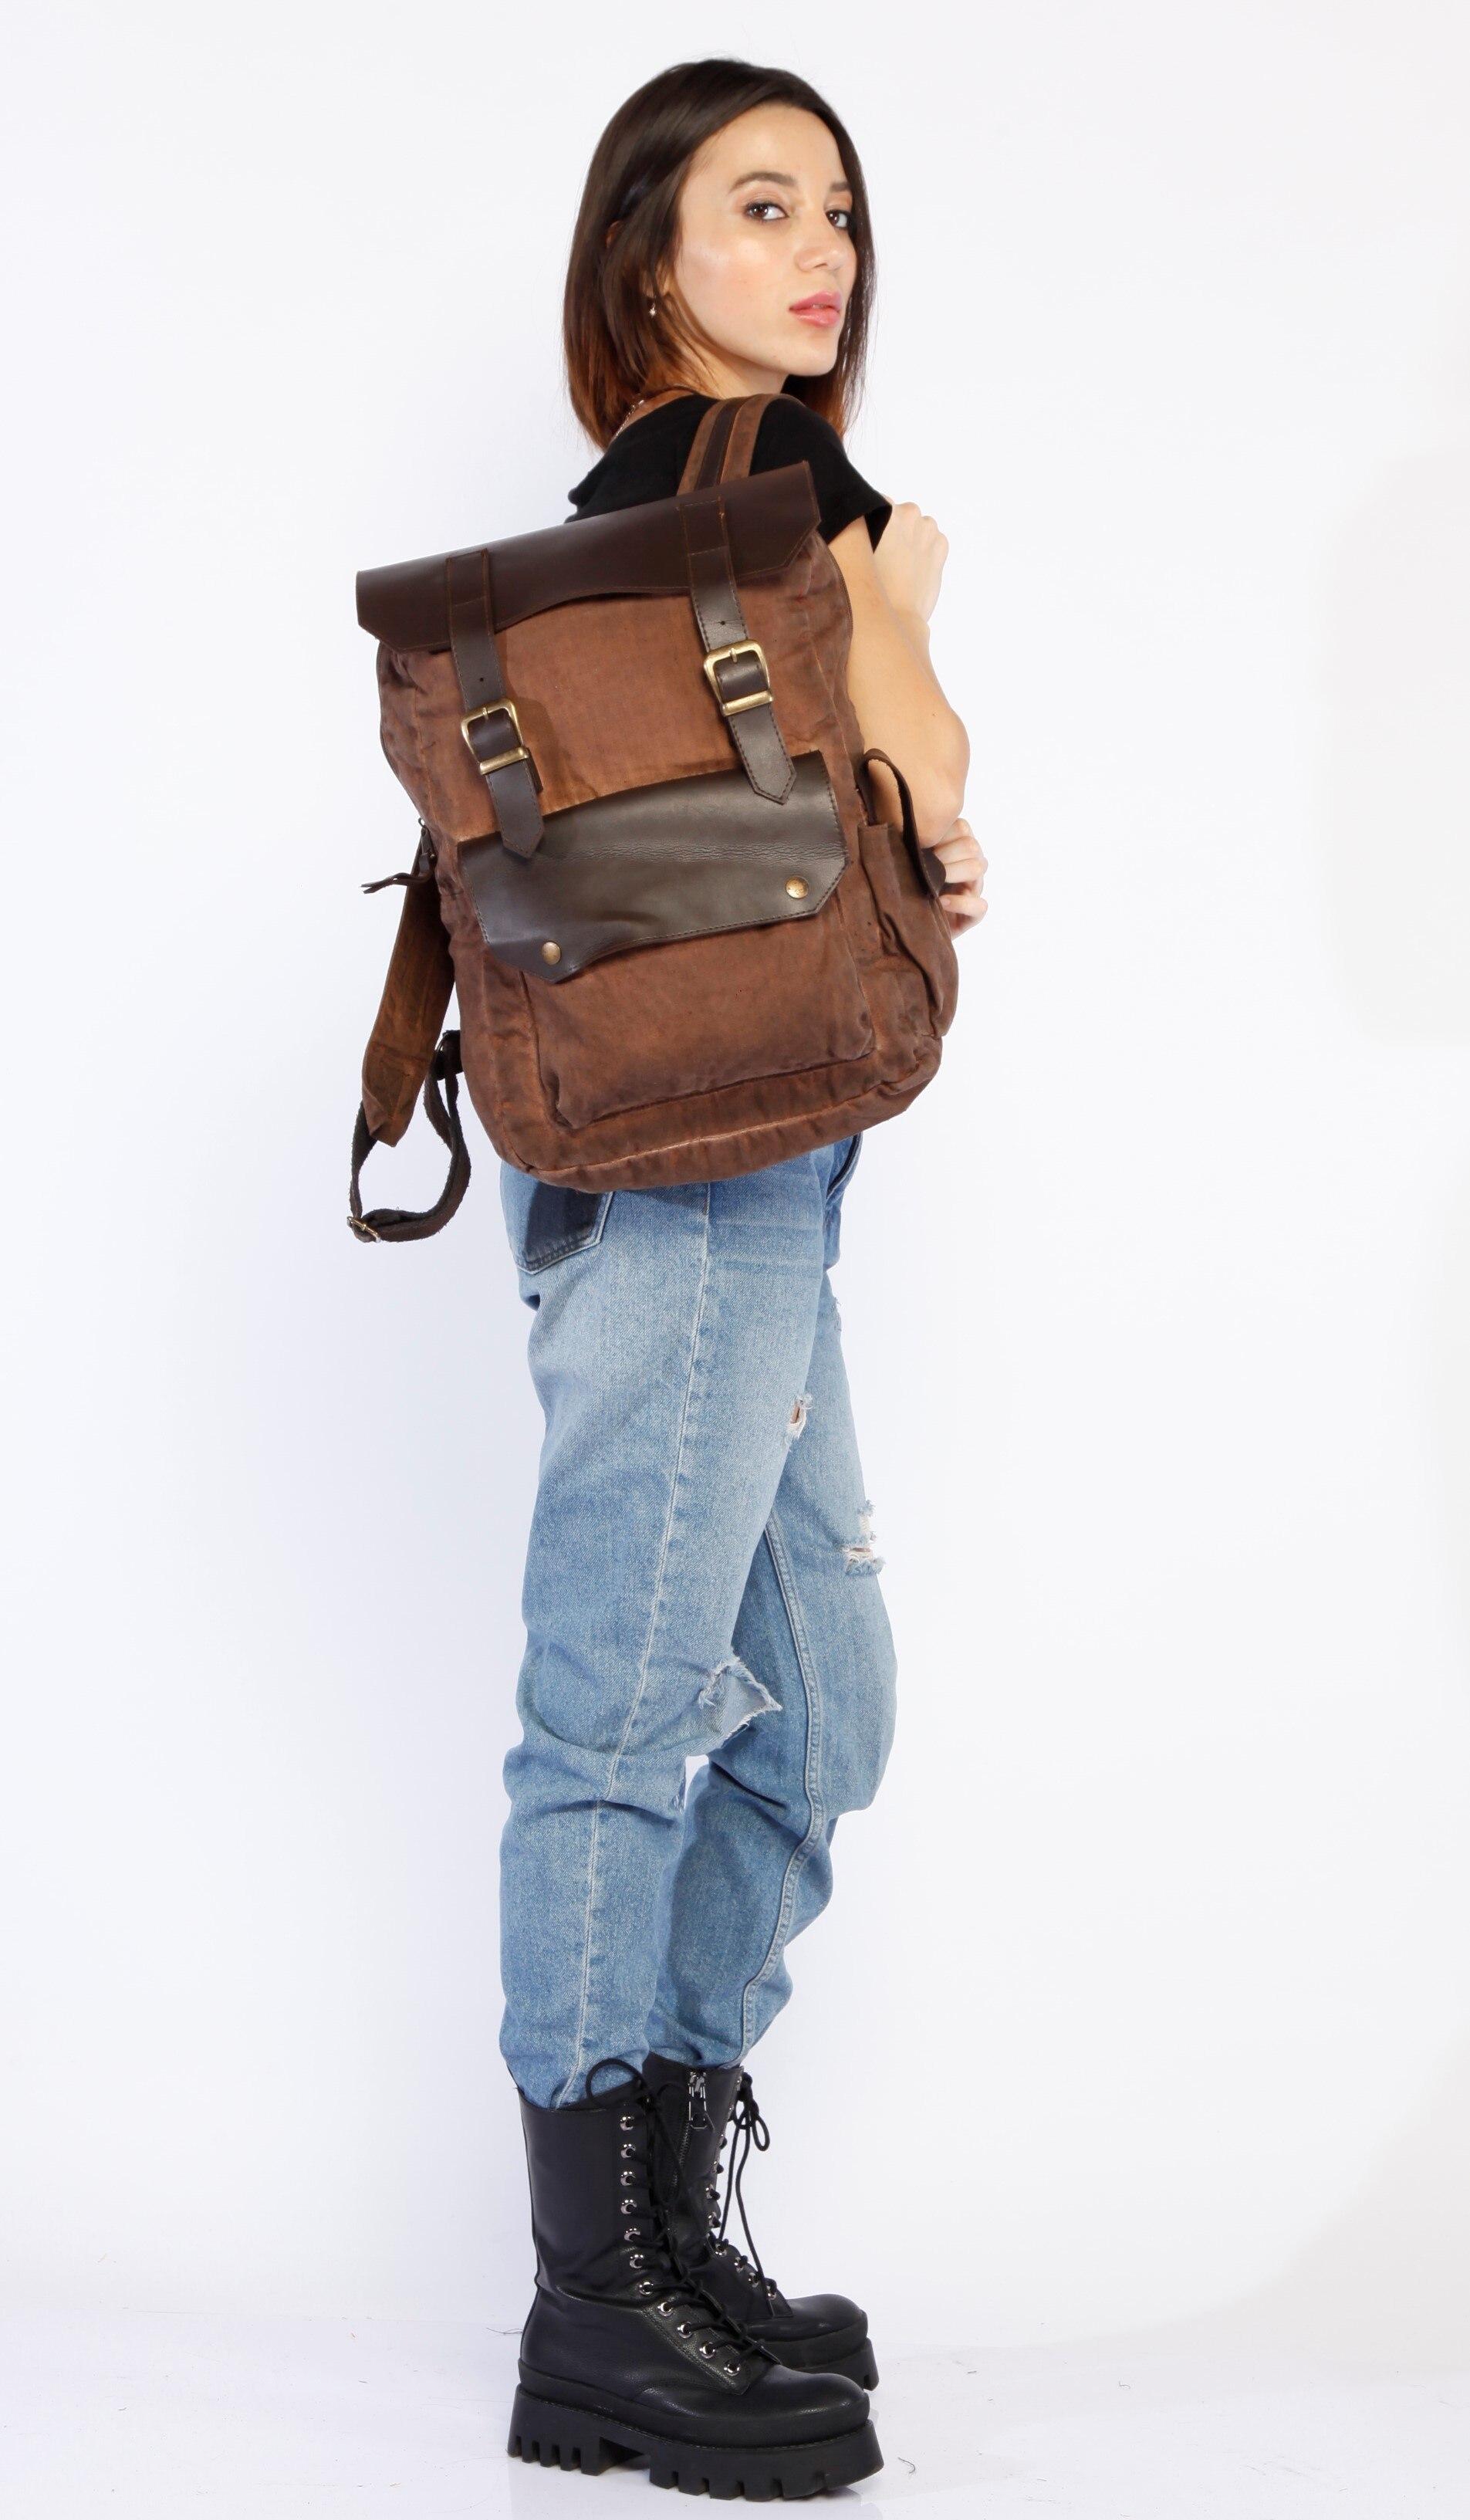 جديد متعدد الوظائف موضة الرجال على ظهره حقيبة من القماش خمر حقيبة مدرسية جلدية محايدة المحمولة حقائب السفر مقاومة للاهتراء